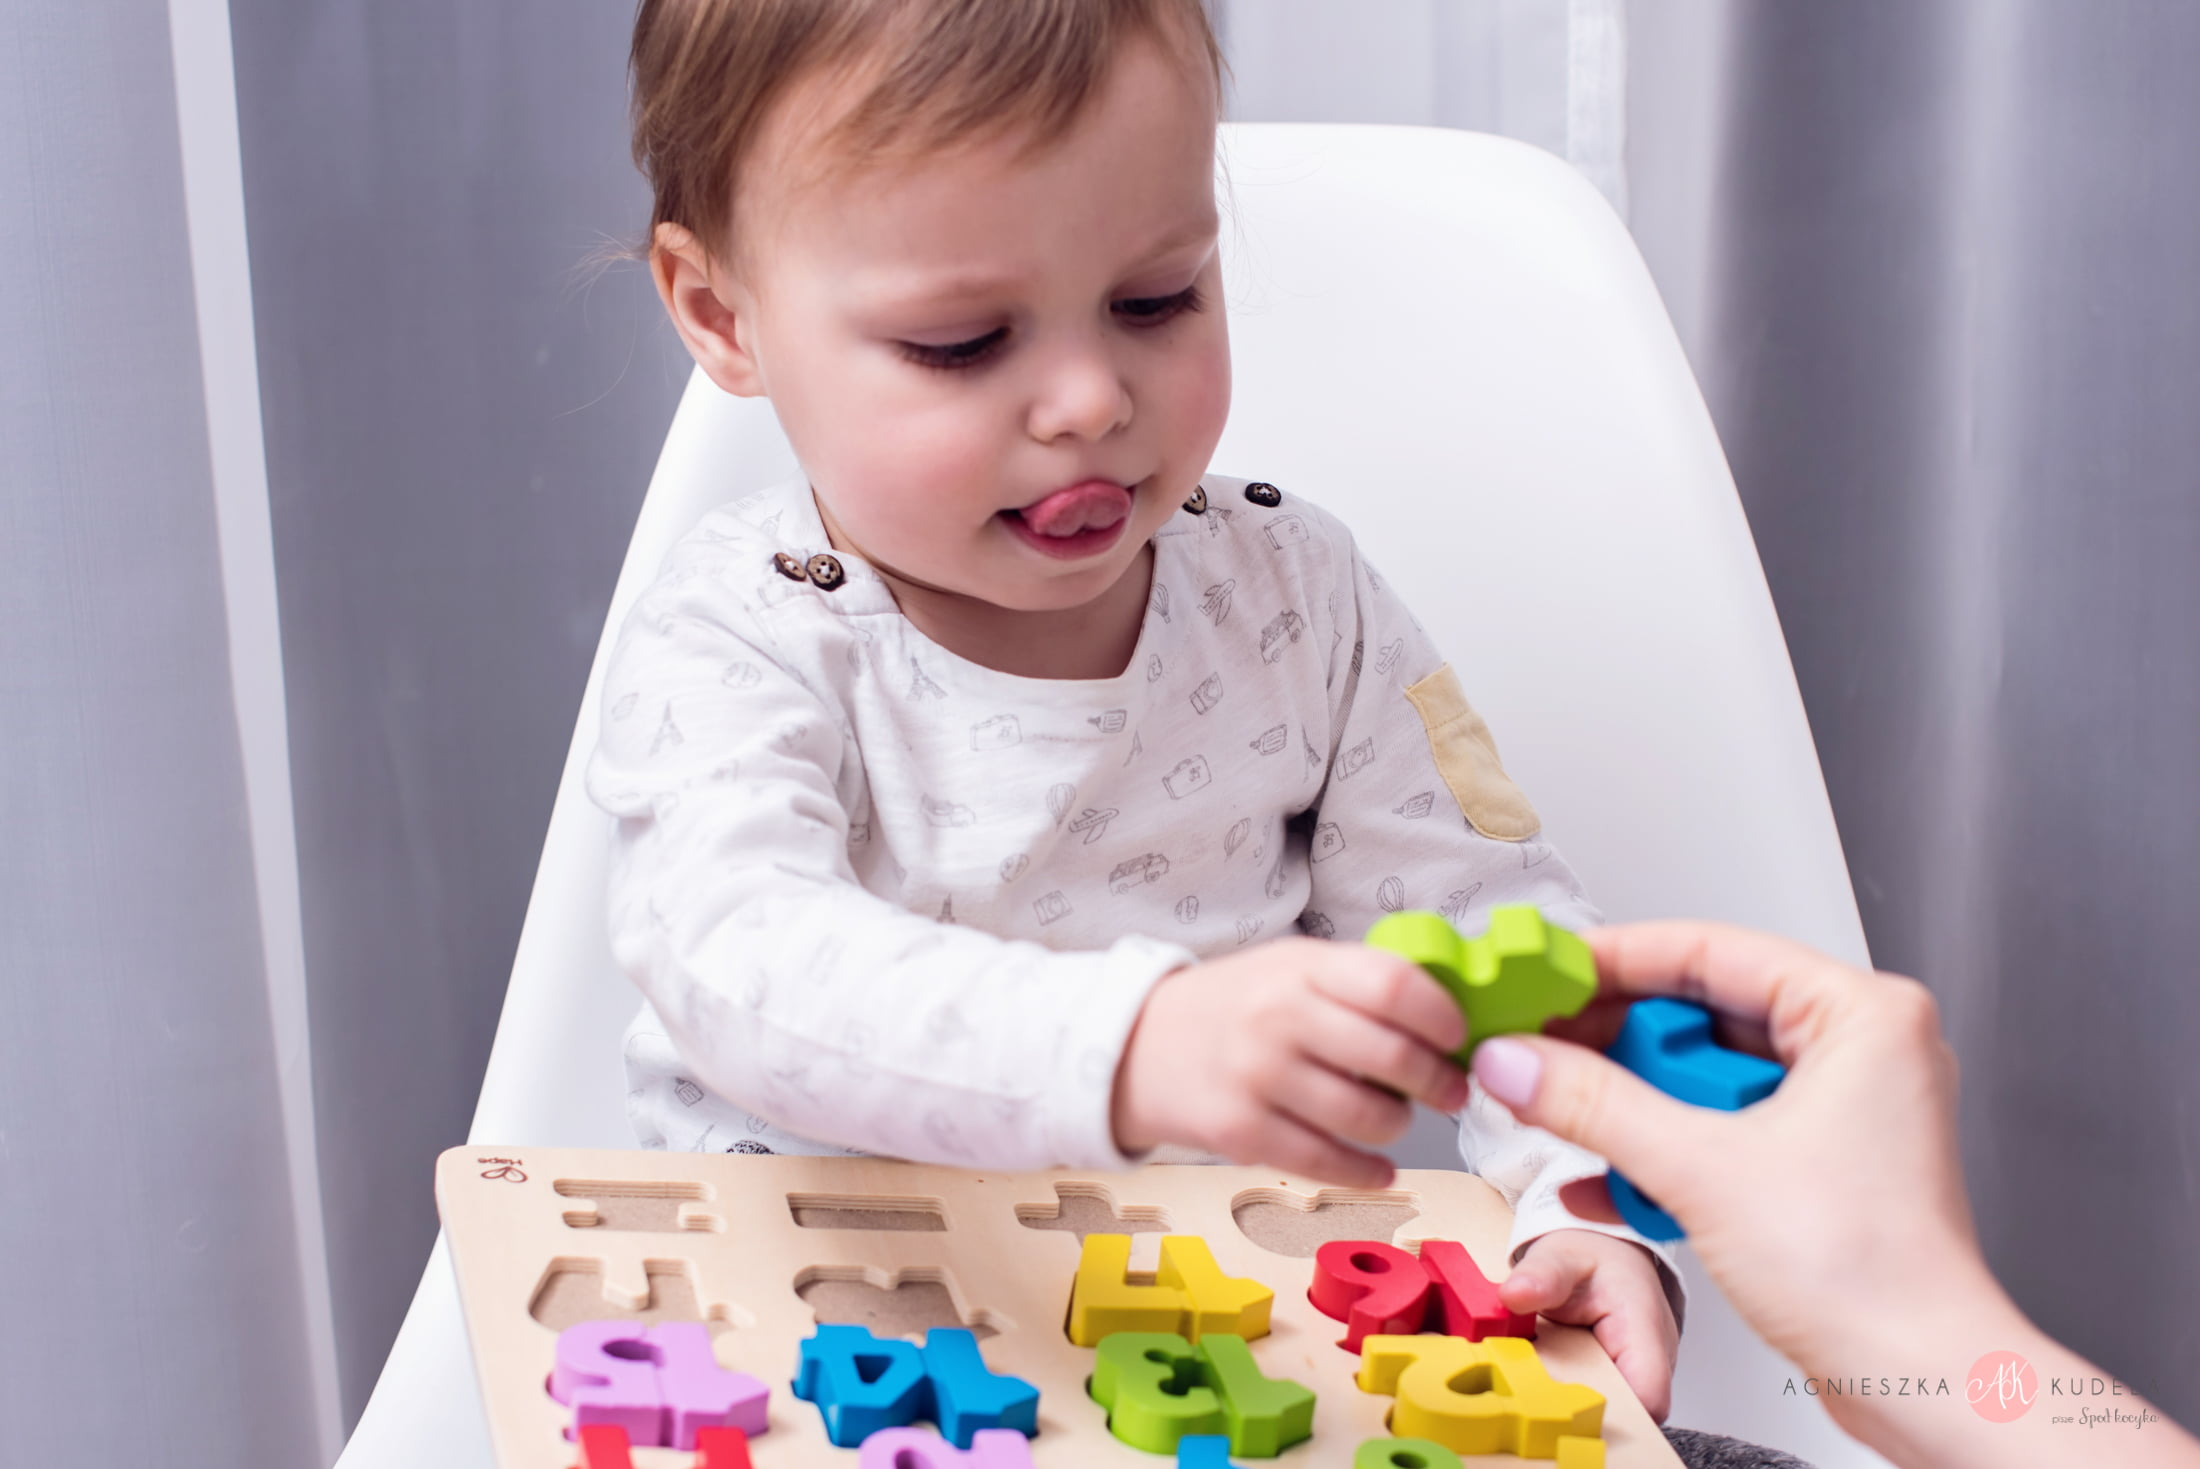 zabawki dla dwulatka co wybrac